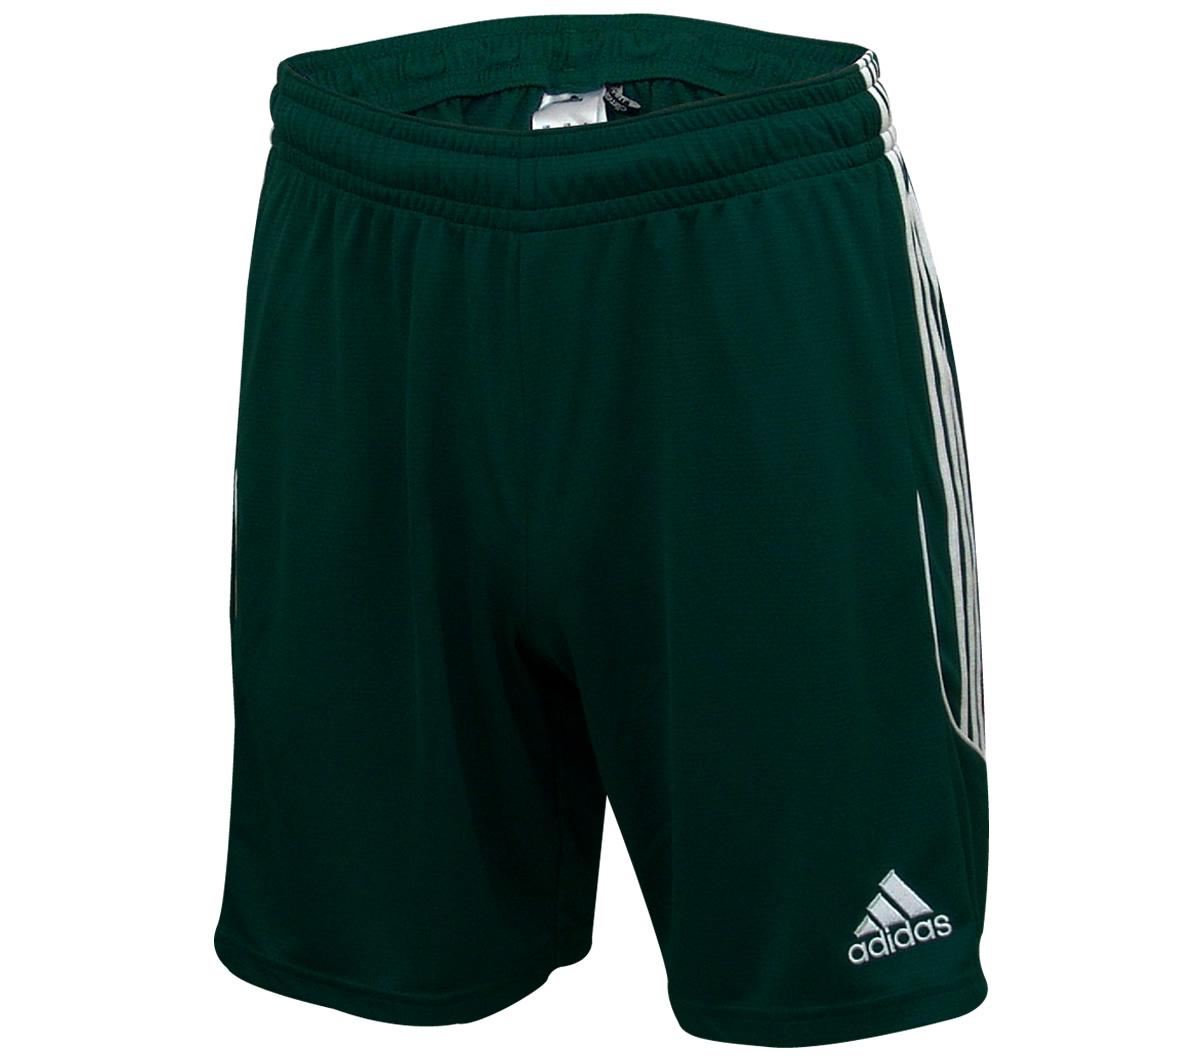 Calção Adidas Squadra 13 Verde Musgo e Branco - Mundo do Futebol b6aae6a4f7700